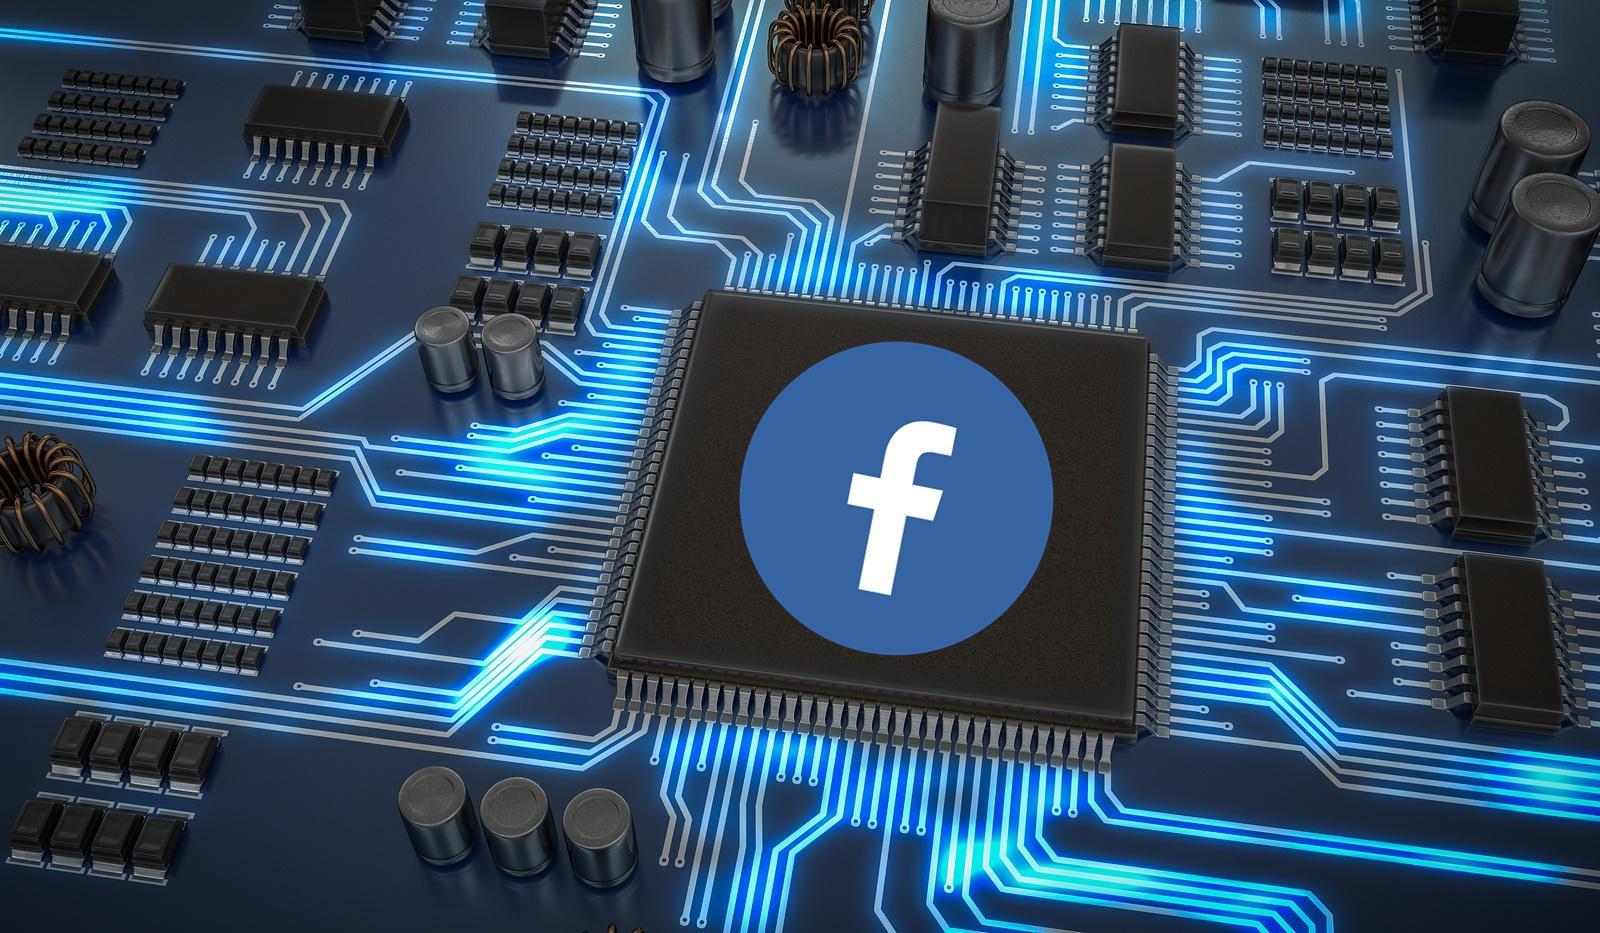 为什么Facebook想要设计自己的AI芯片?